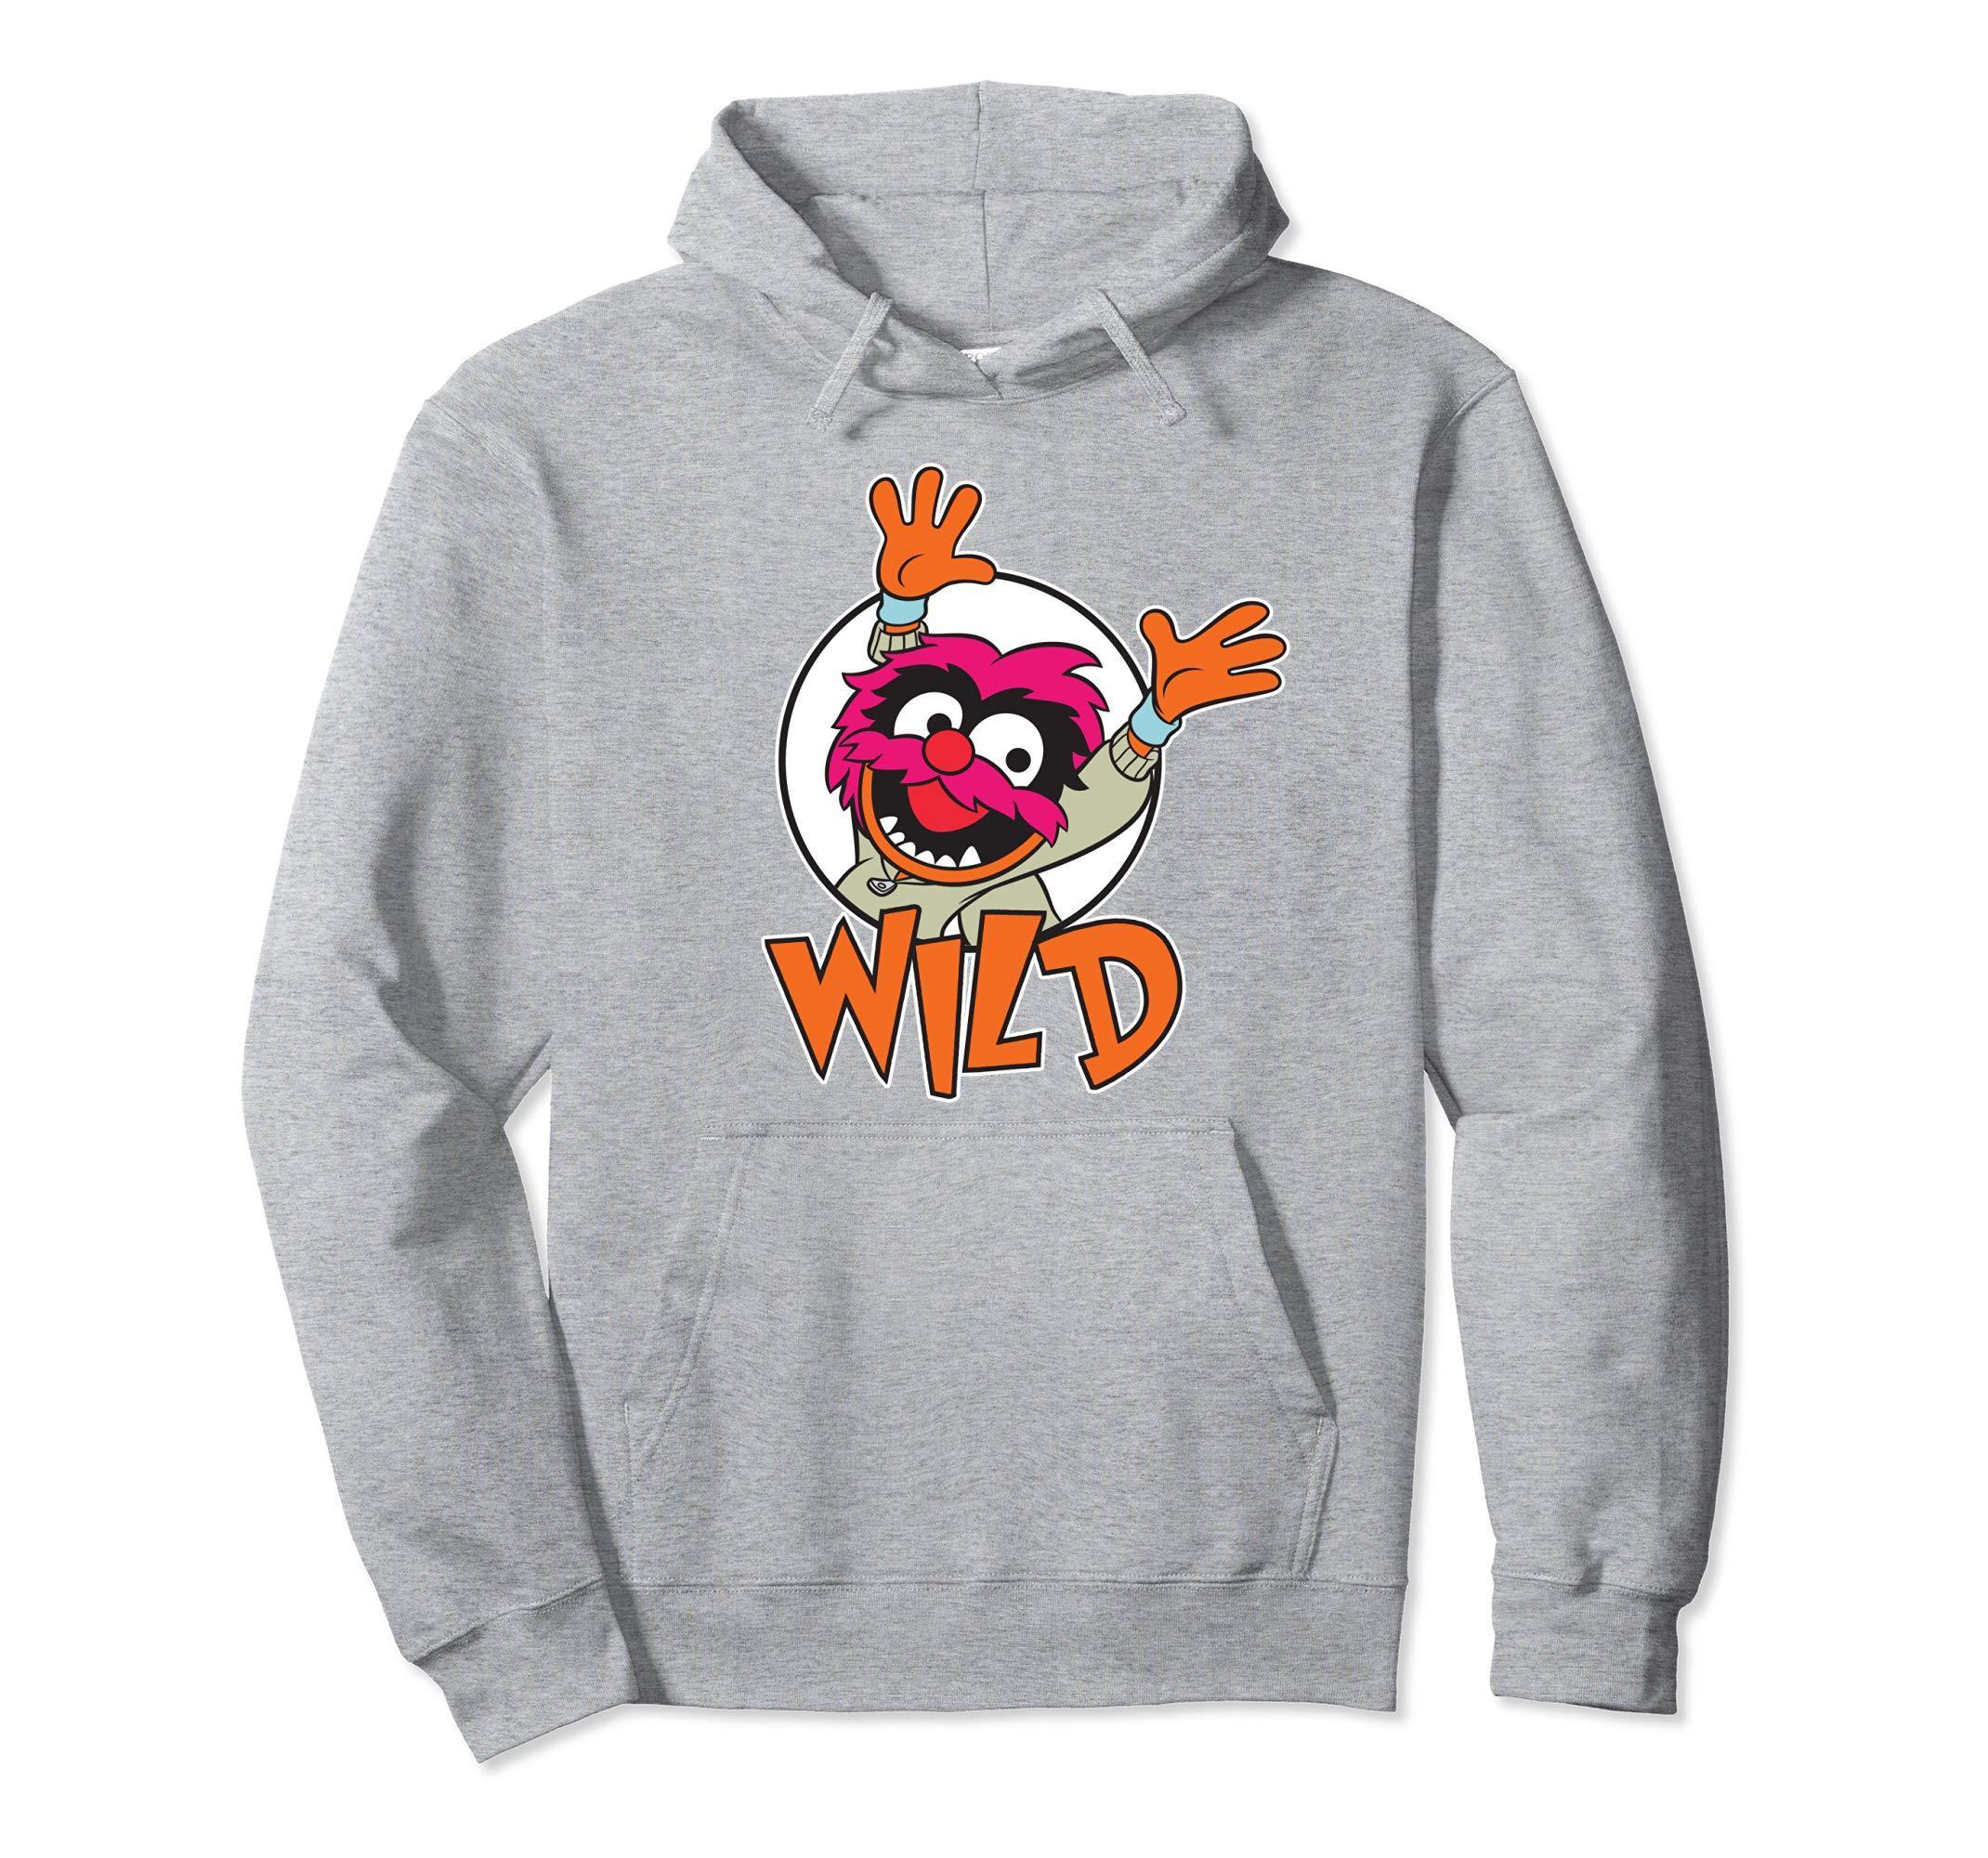 Disney Muppet Babies Wild Animal Shirts